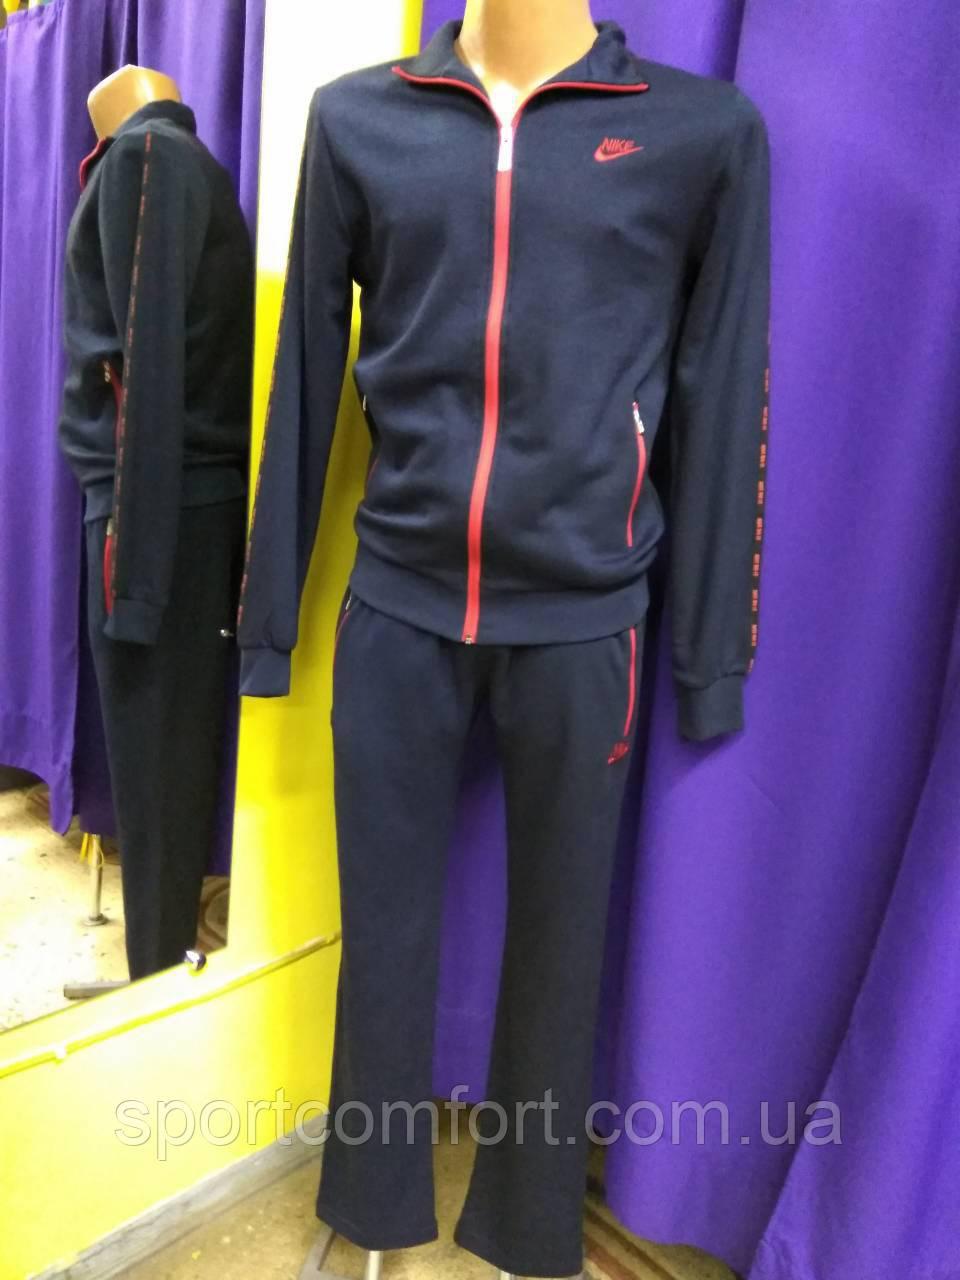 Мужской спортивный костюм  Nike синий с красн.